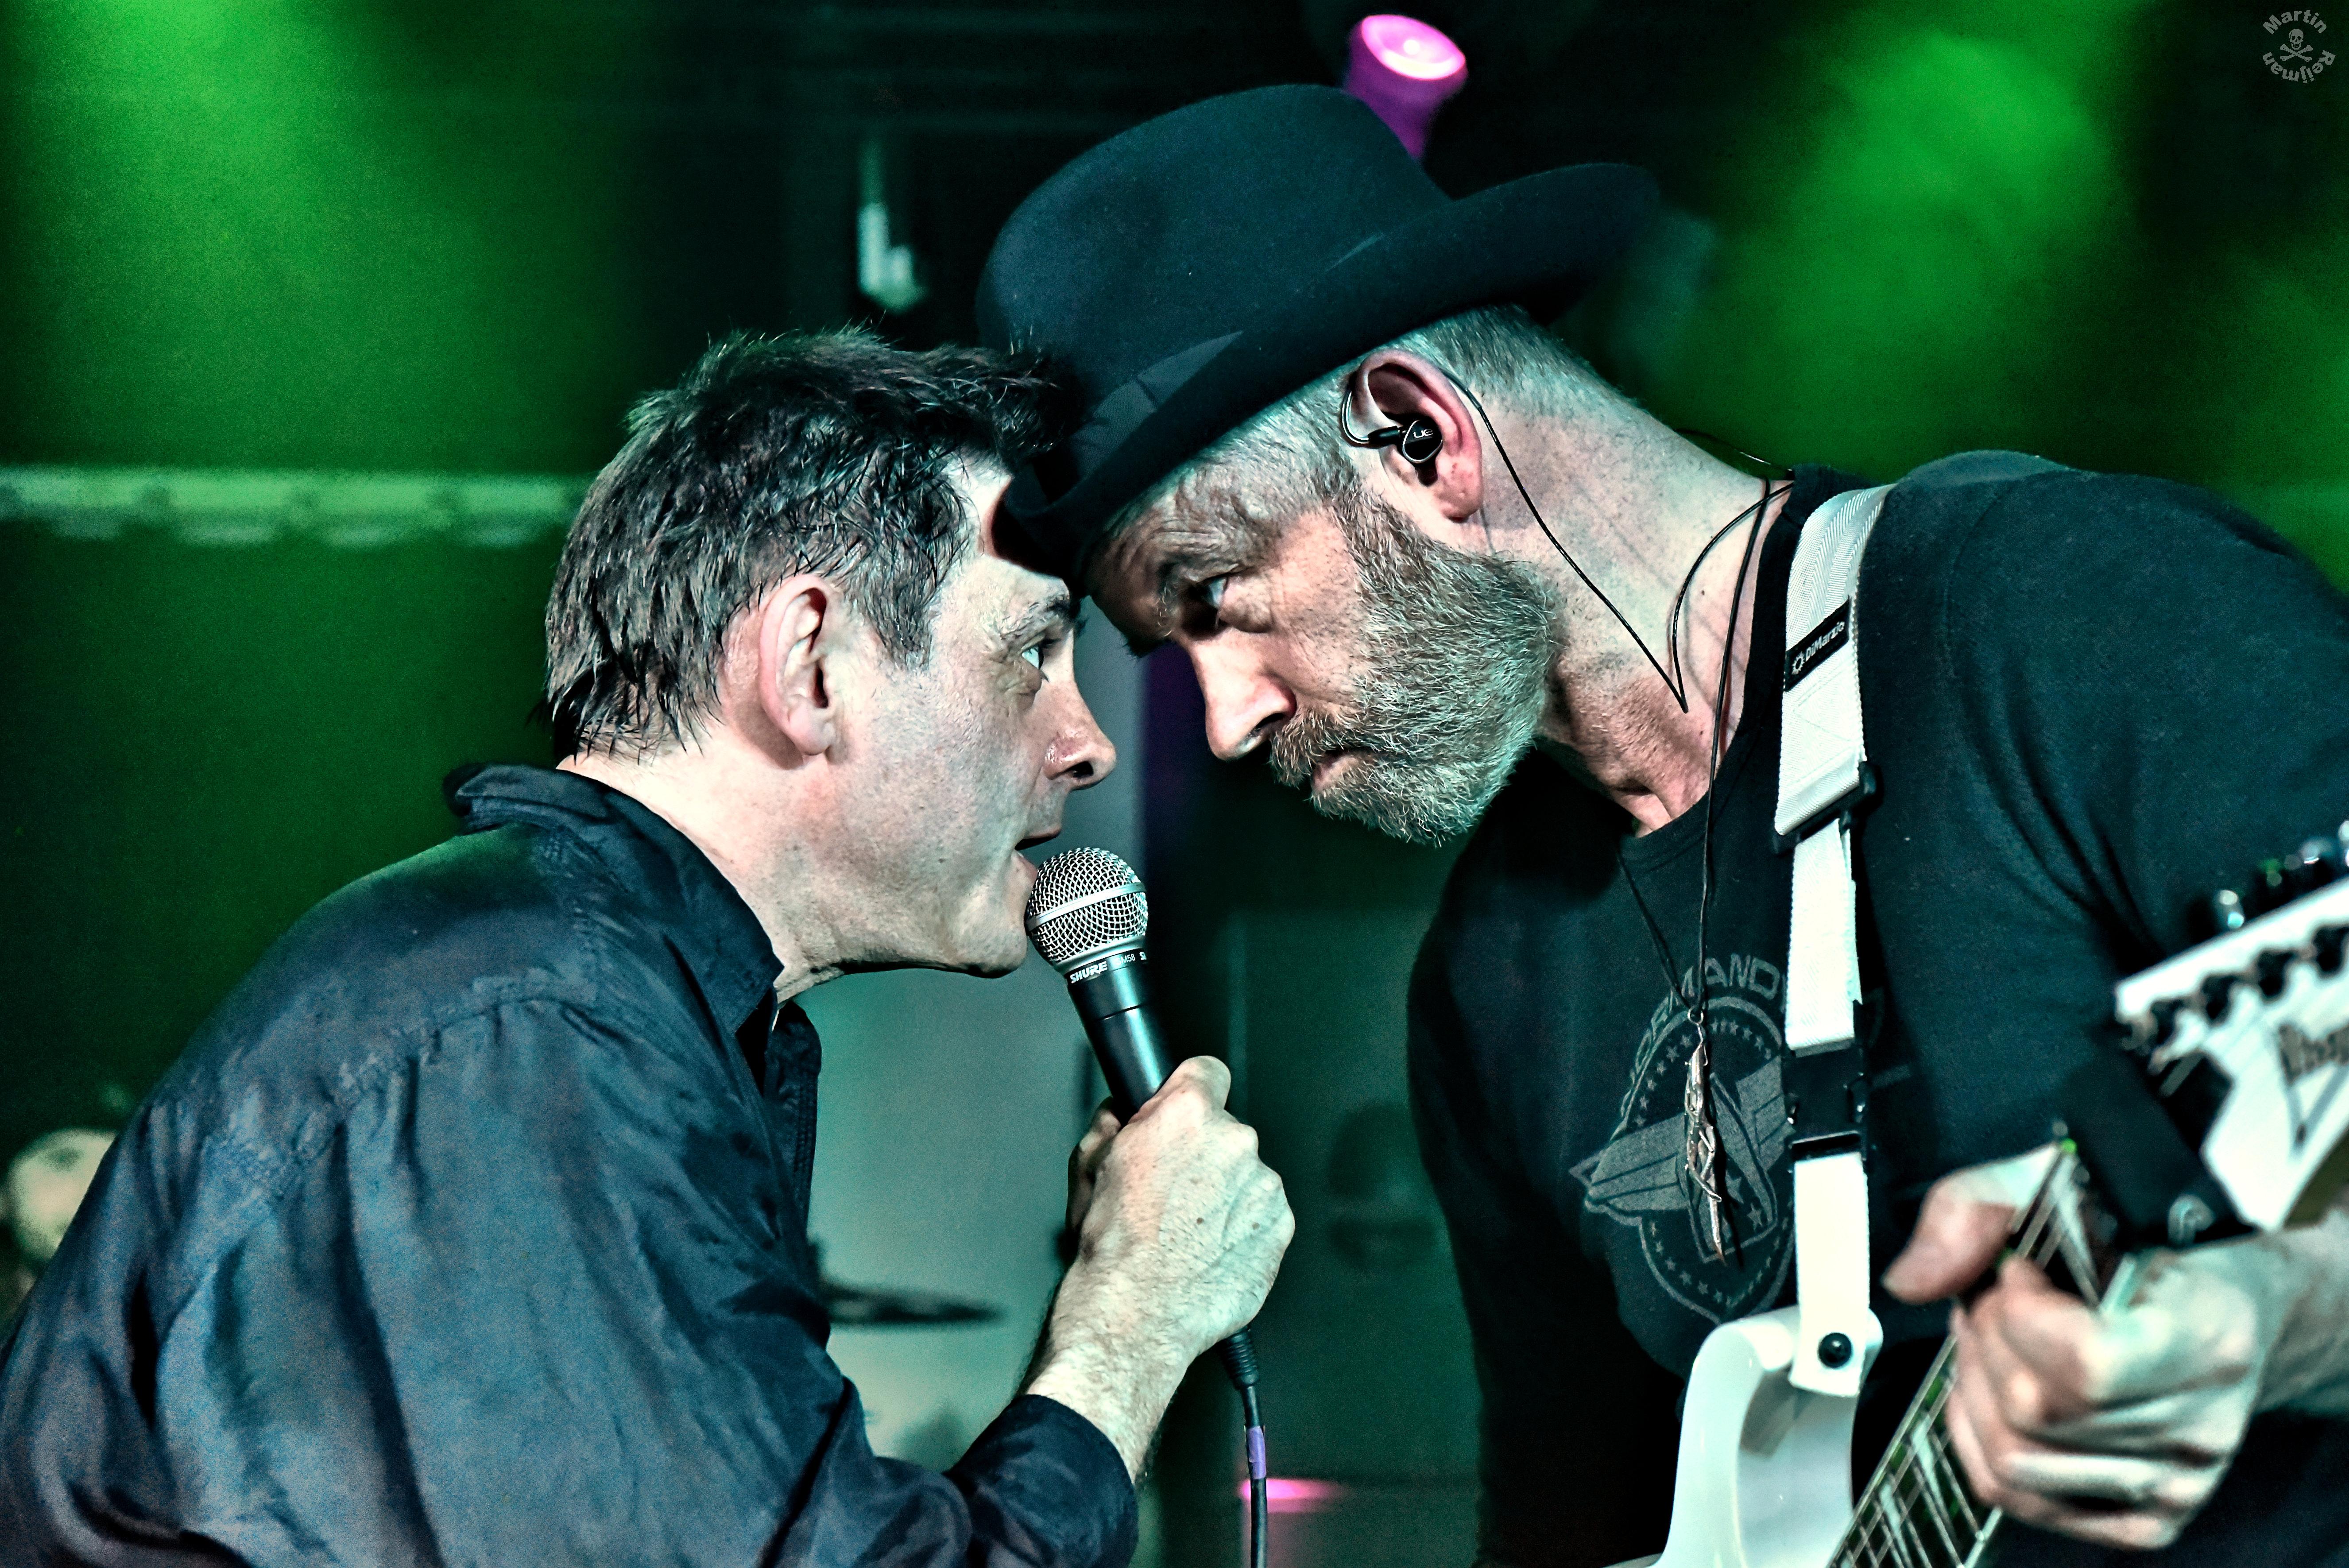 Alan and Mark